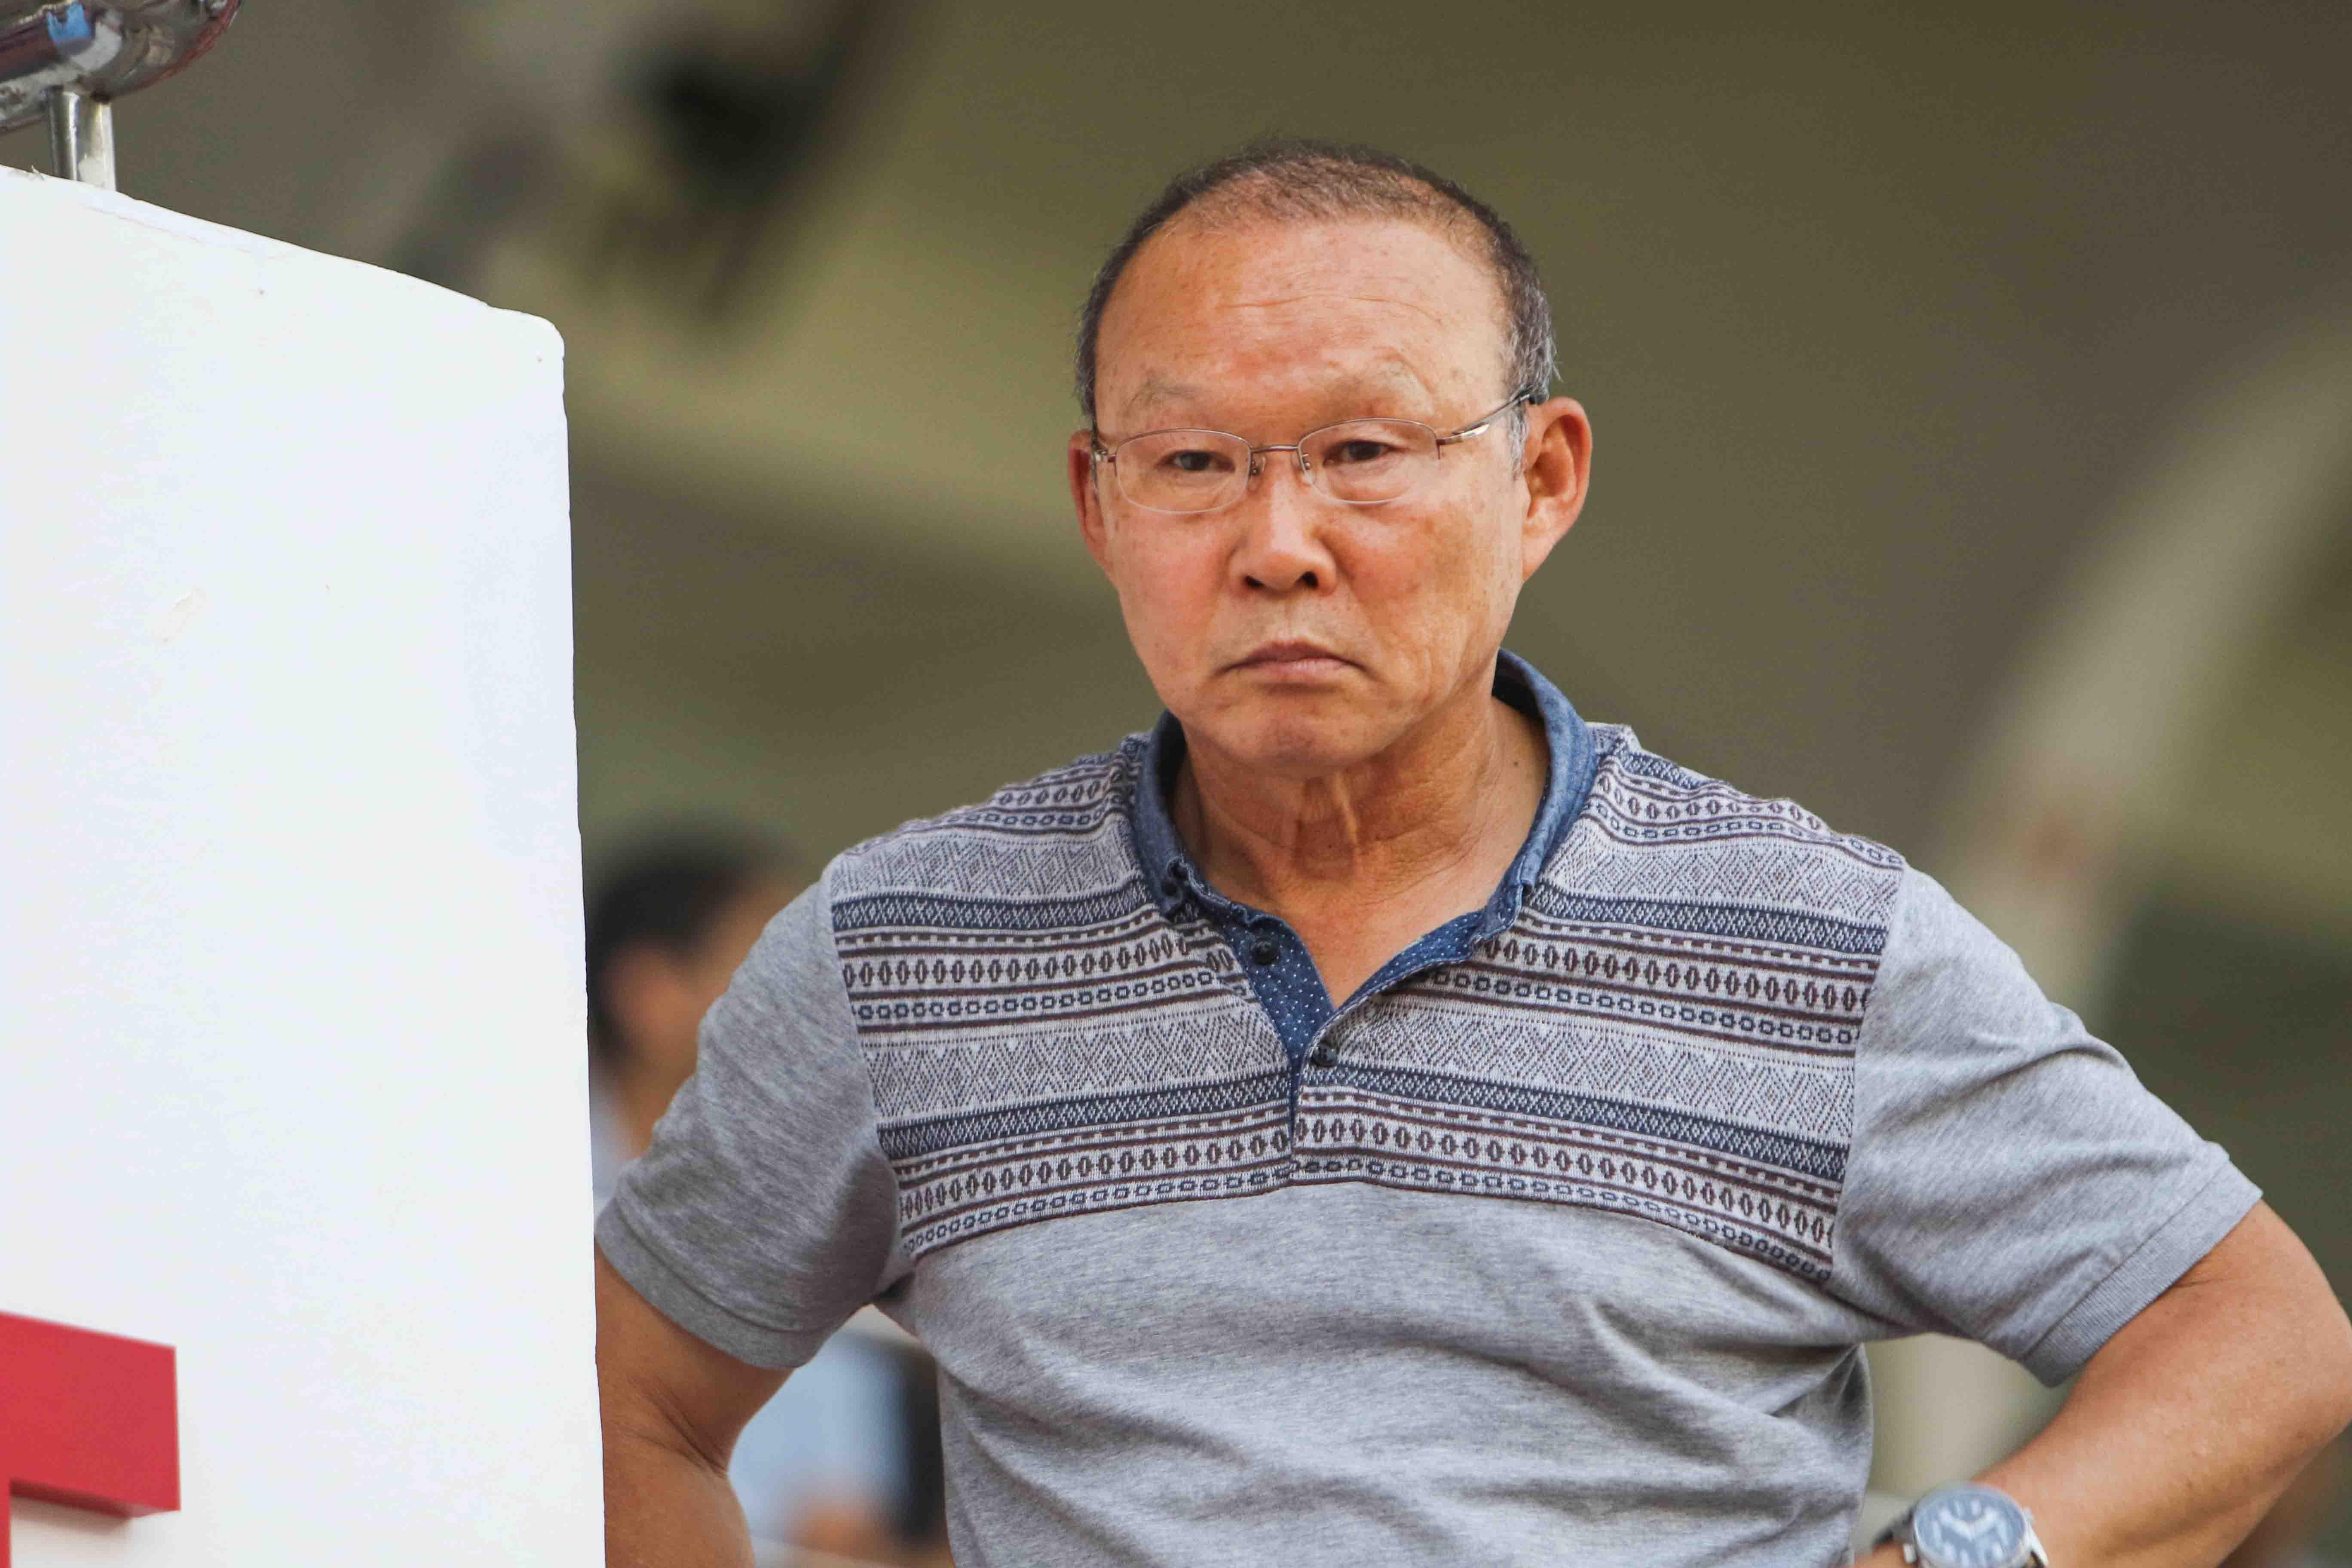 Điểm tin bóng đá Việt Nam tối 18/05: VFF lên tiếng bản quyền World Cup 2018, Thầy Park vi hành ở Thống Nhất - Bóng Đá